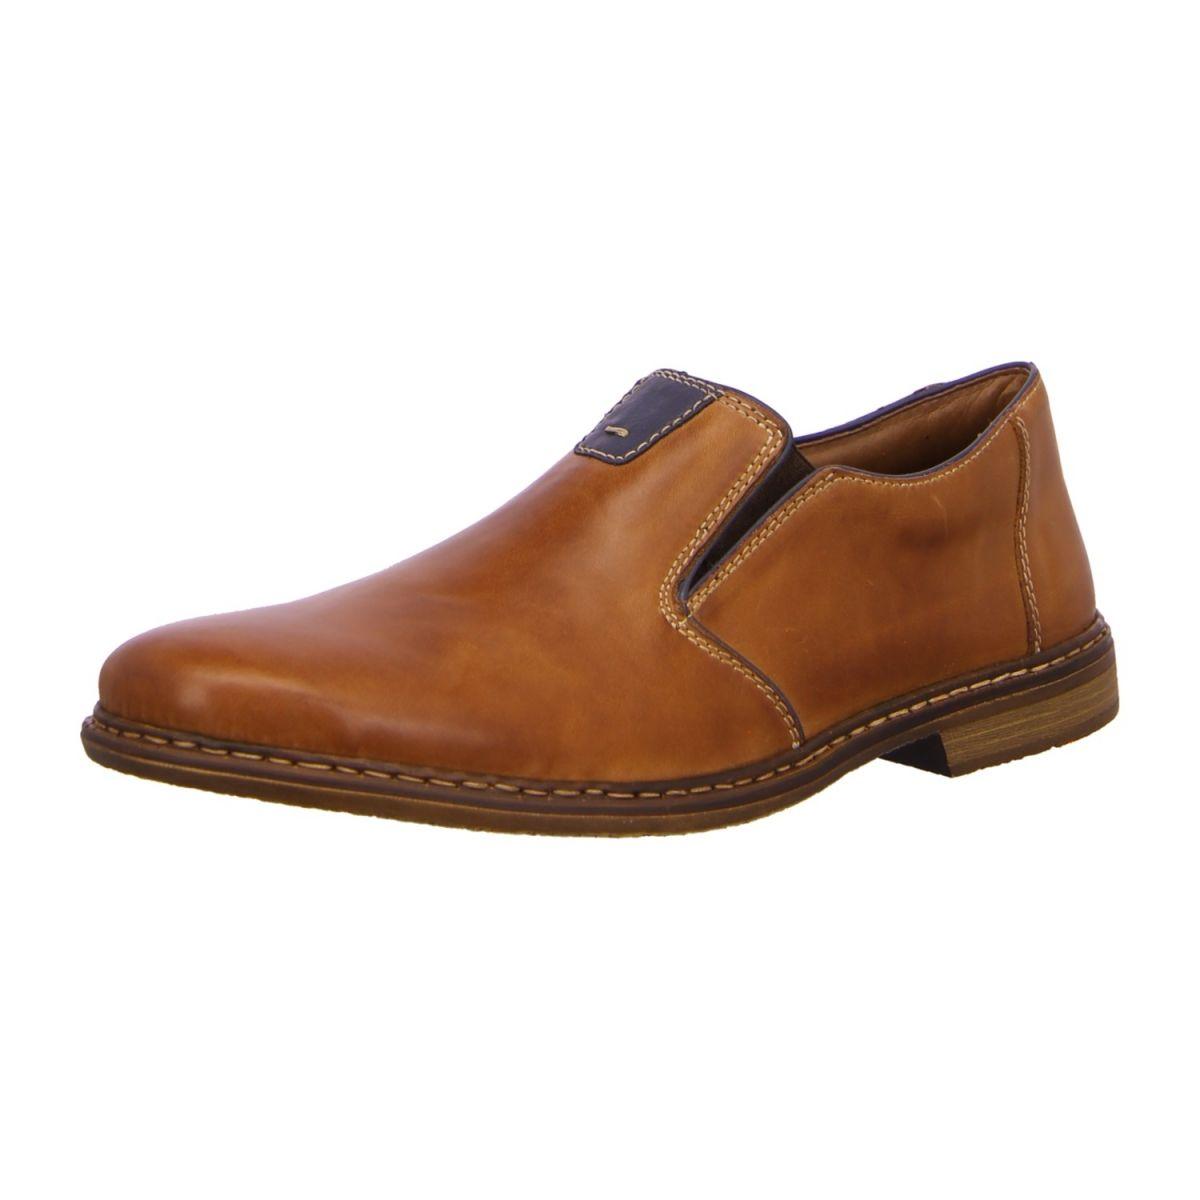 NEU: Rieker Slipper Business Schuhe 13462 25 braun